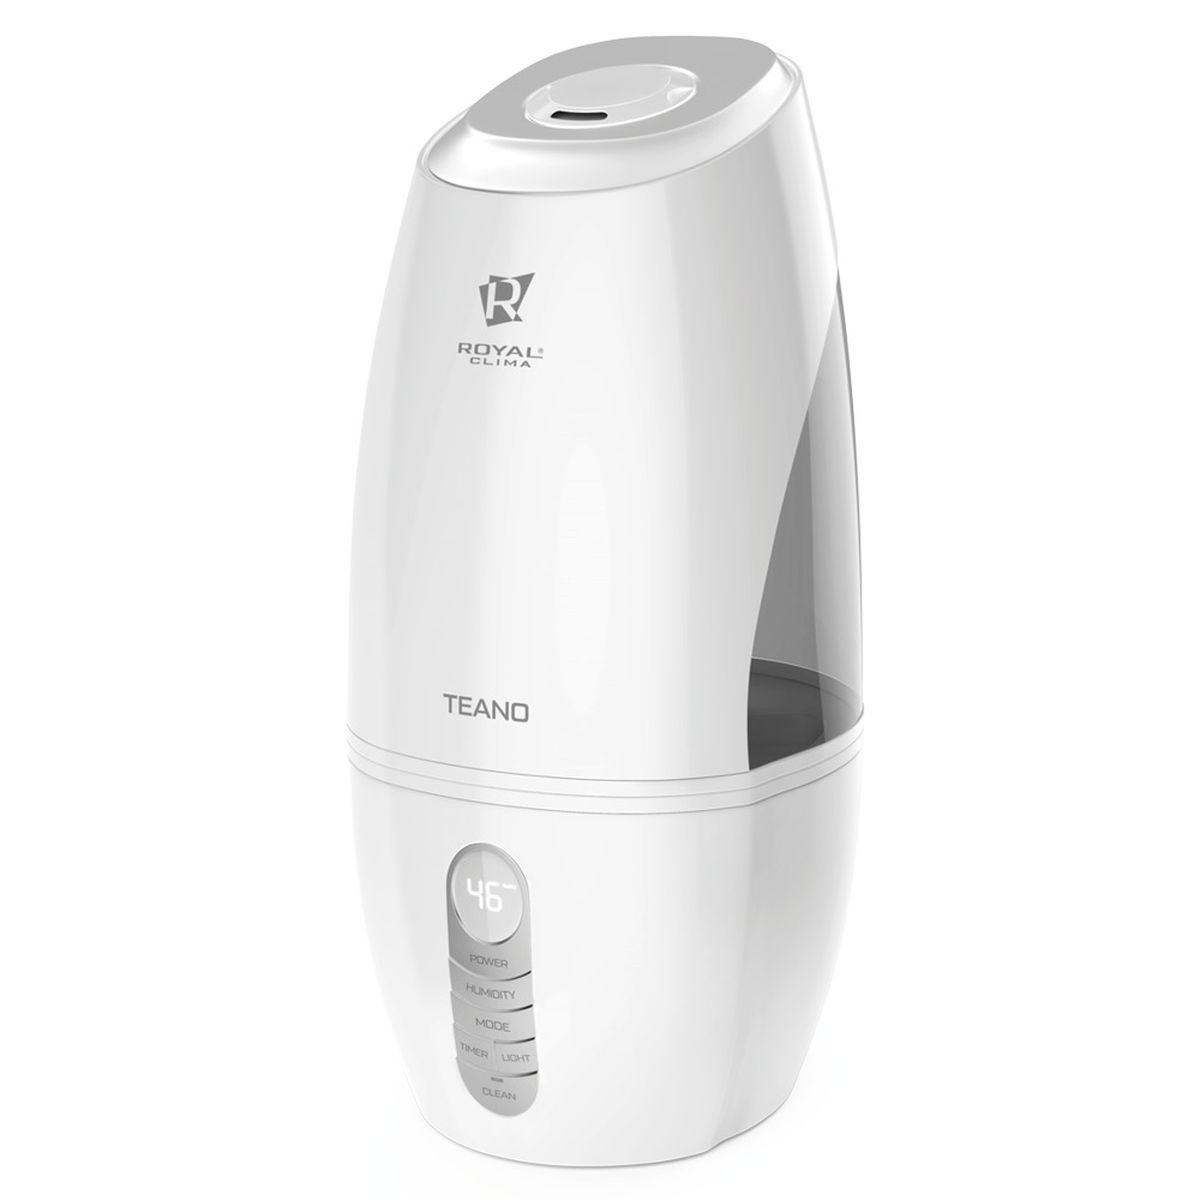 Увлажнитель воздуха Royal Clima Teano RUH-T300/5.7E-WT, белый